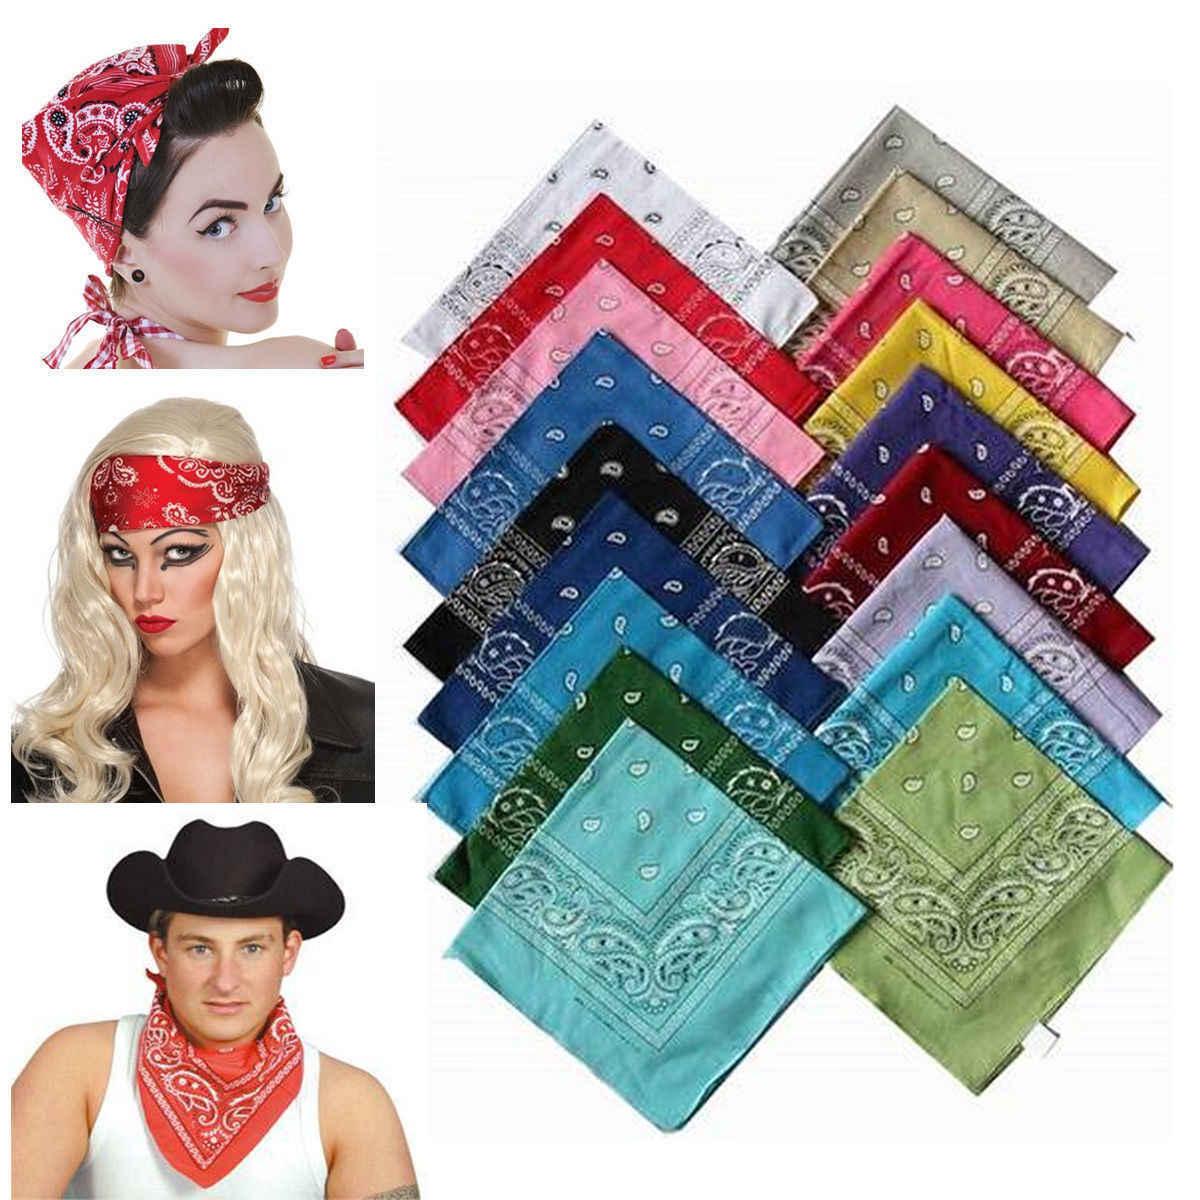 2019 nuevo pañuelo caliente para la cabeza, pañuelo para la cabeza, pañuelo para la cabeza, de algodón, para el cuello, negro, blanco, rosa